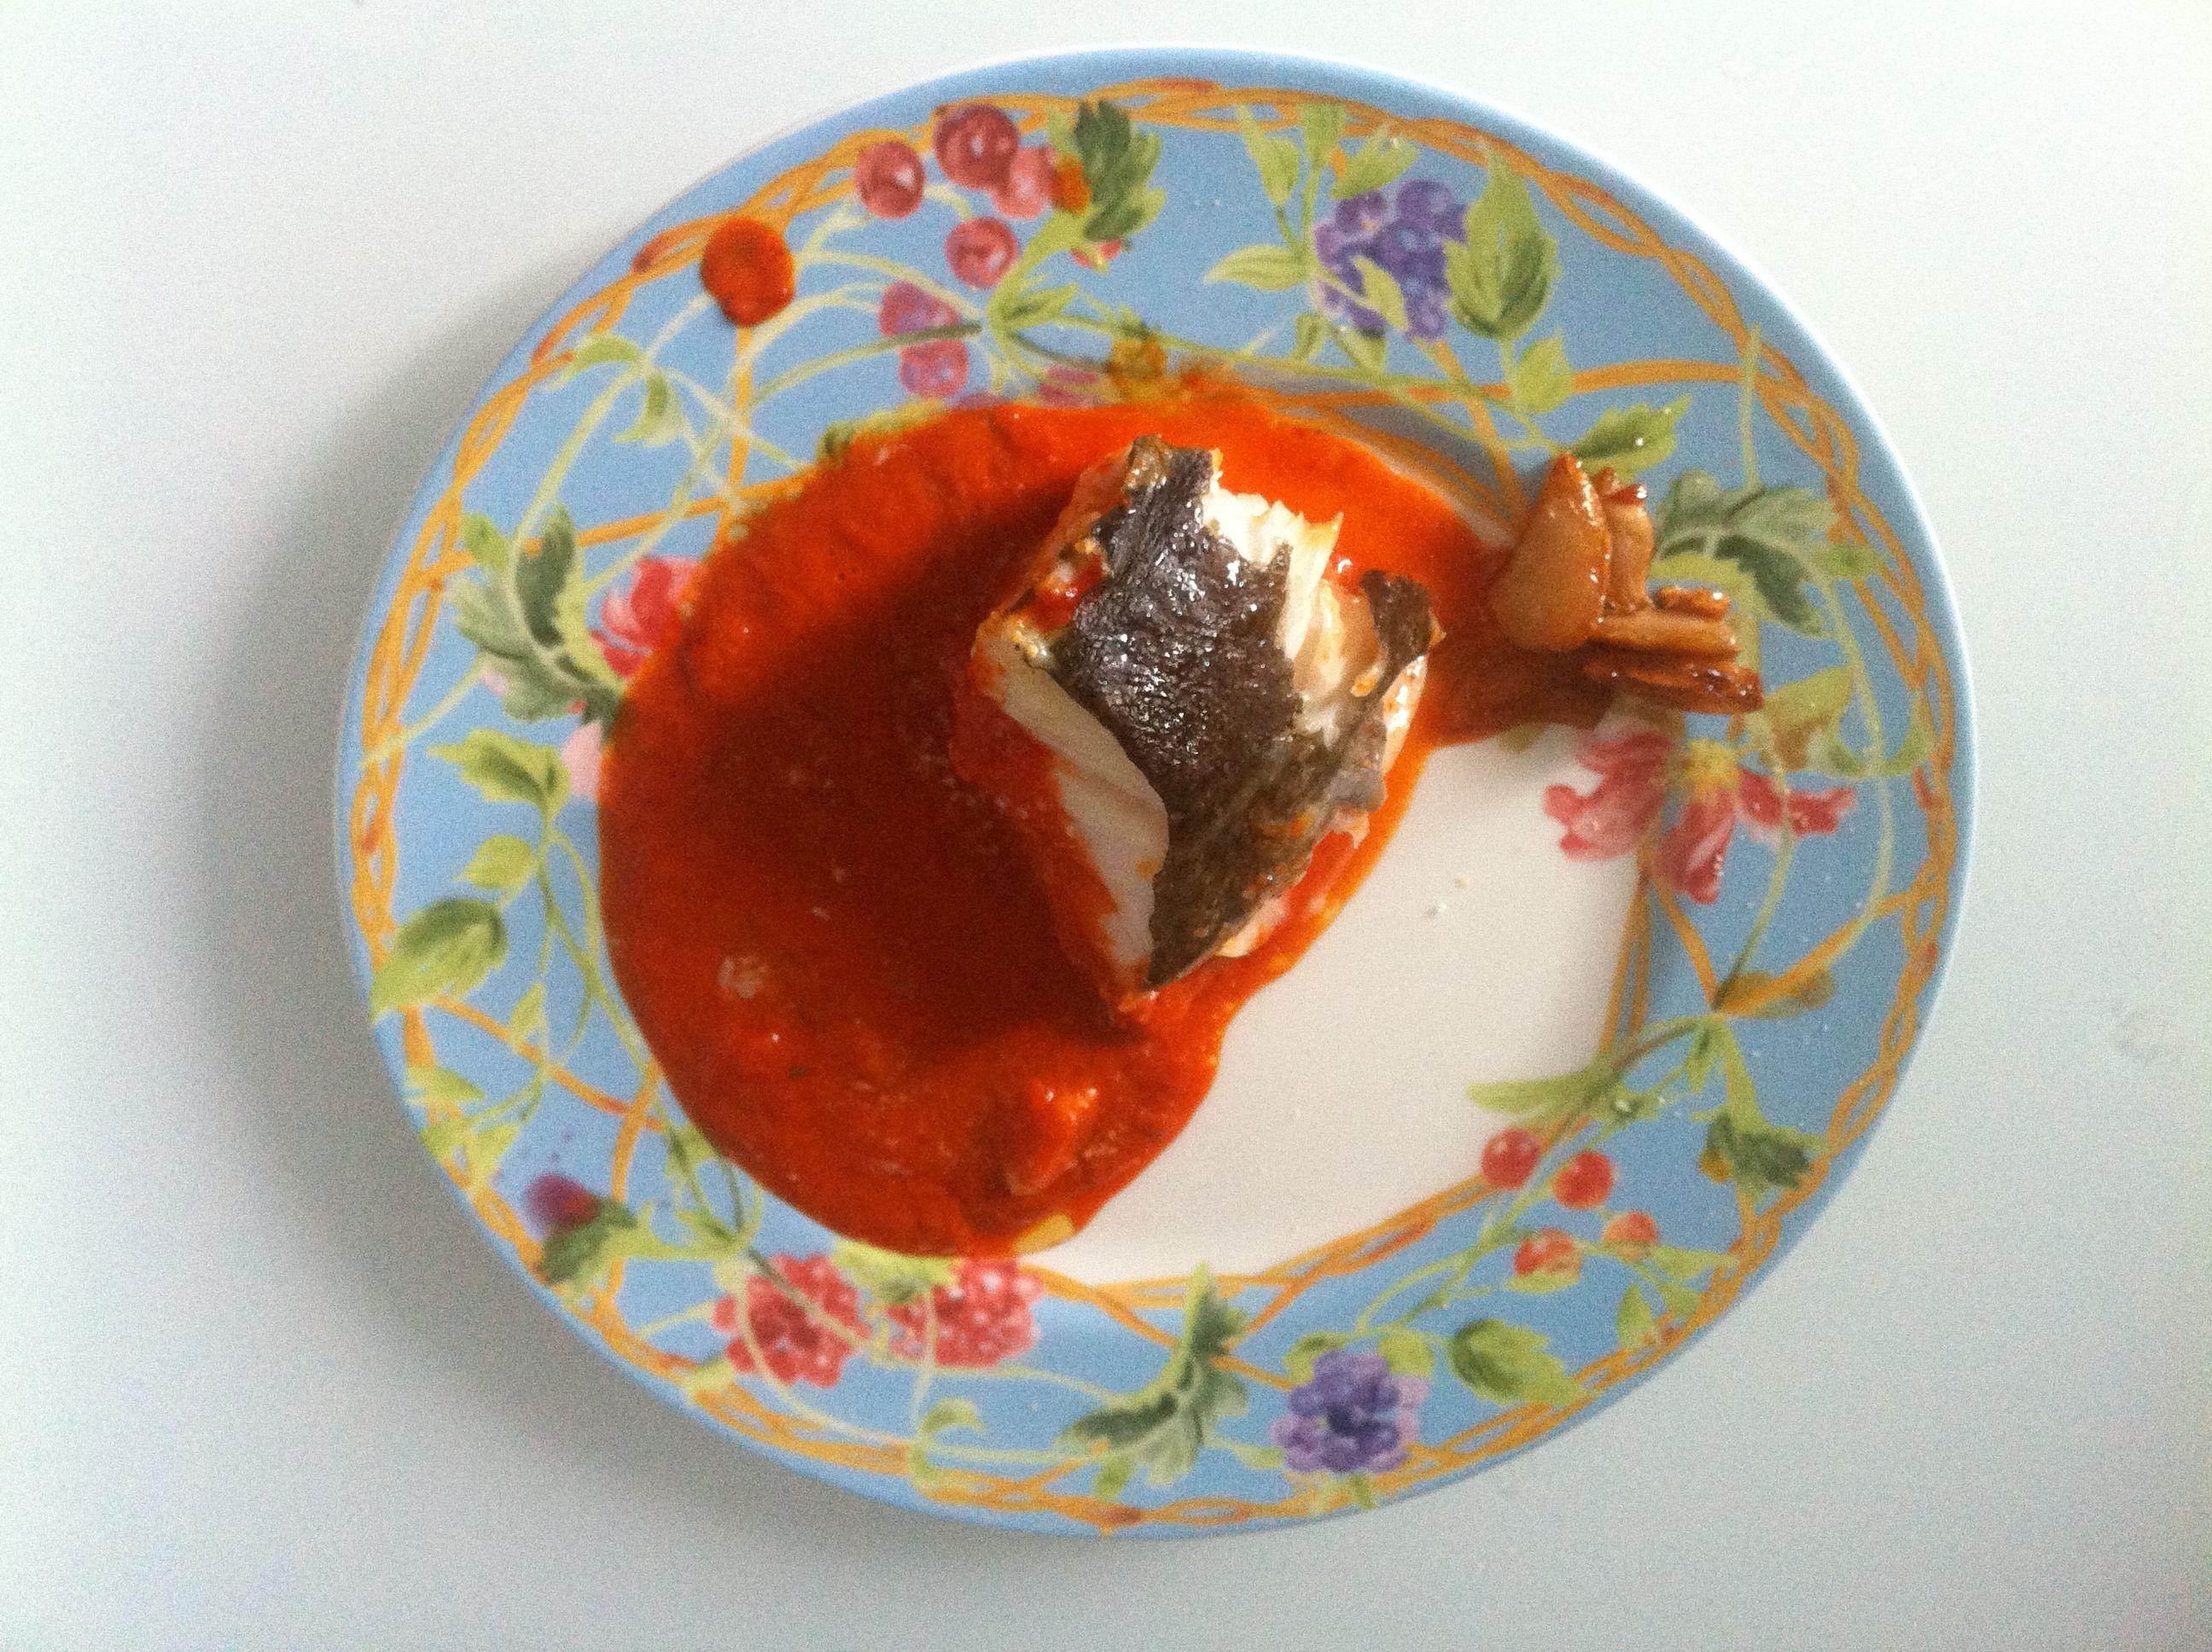 Jueves 14 febrero. Comida. Cogote de BACALAO Skrei asado CON SALSA VIZCAÍNA adulterada. Pochar cebolla y pimientos del piquillo con una buena cantidad de pulpa de pimiento choricero. Se pasa por la batidora obteniendo una salsa melosa y suave añadiéndole el agua necesaria. Se fríen láminas grandes de ajo en aceite a fuego muy muy suave (confitados). El bacalao entero con sal y aceite se asa a 250º de 8 a 10 minutos. Juntar todo.